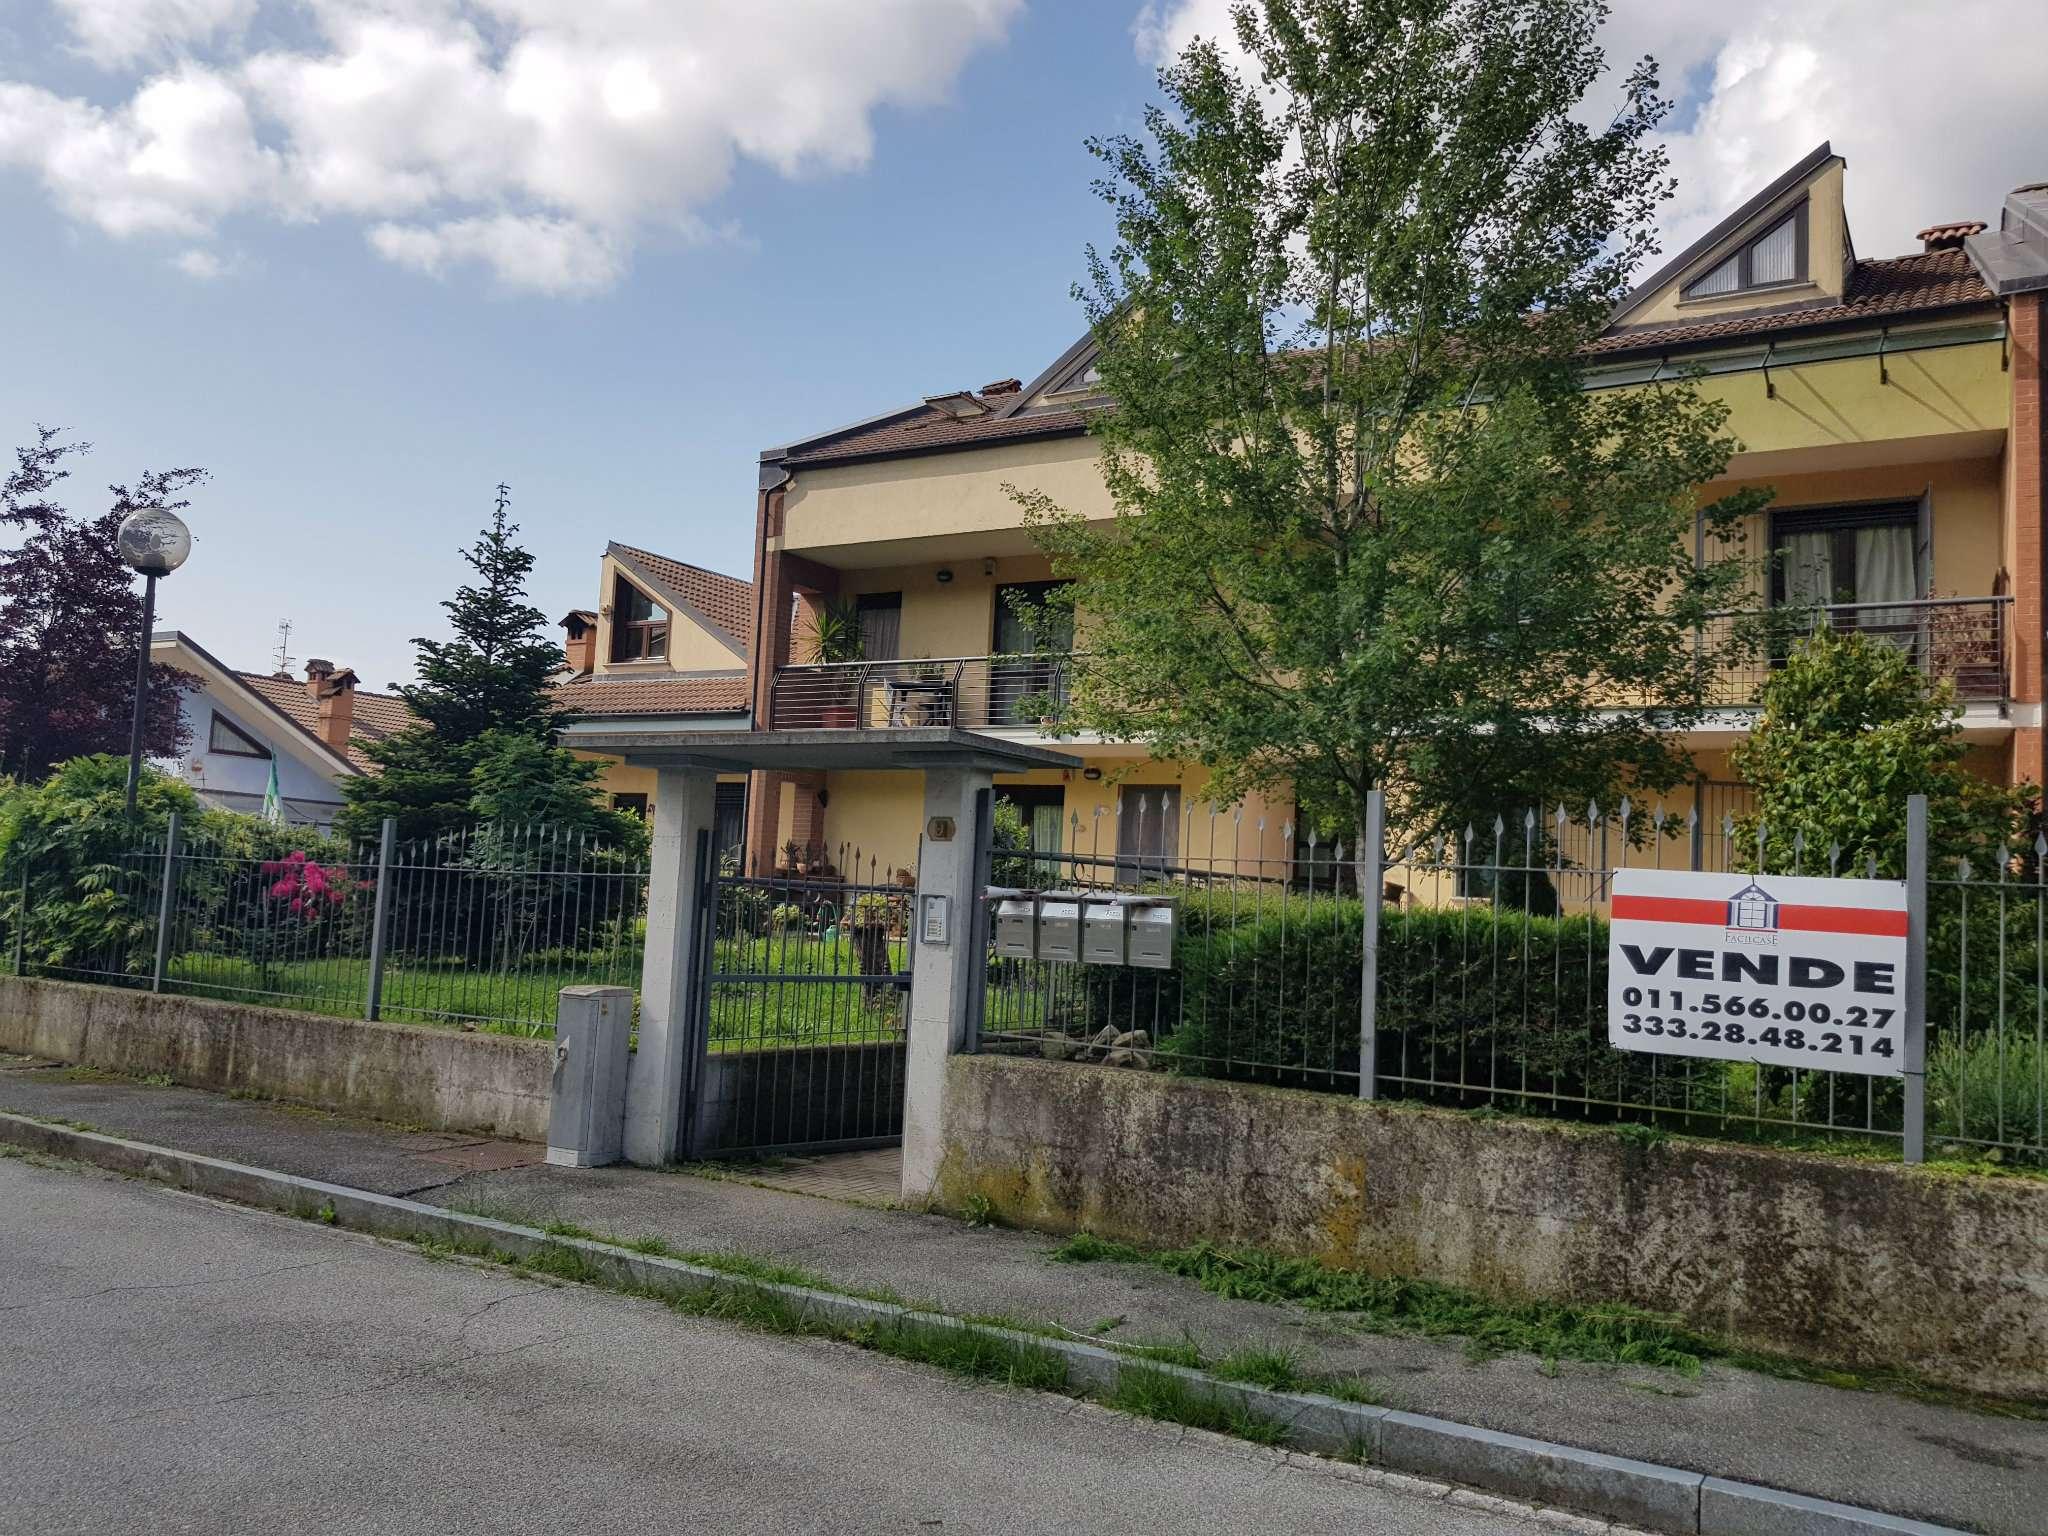 Appartamento in vendita a Cumiana, 5 locali, prezzo € 220.000   CambioCasa.it